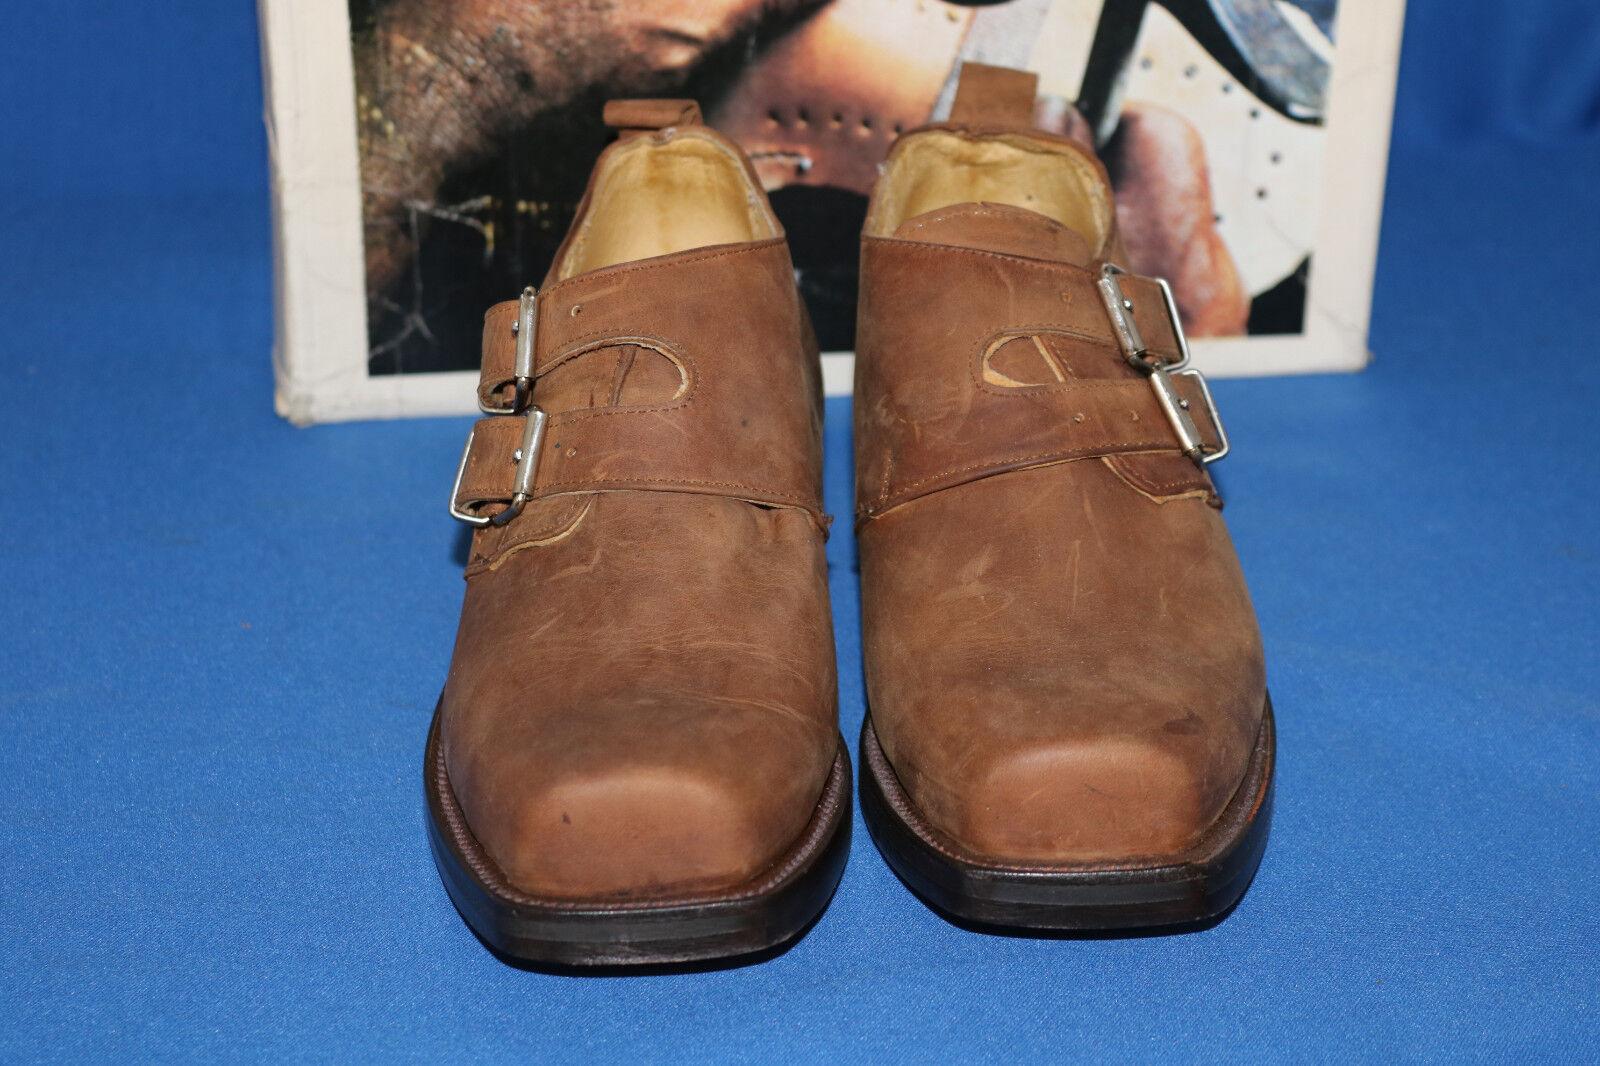 Rancho Stiefel cowboystiefel , schuh,  neu 38 leder handmade  gr. 38 neu choco mokka 5f7fed